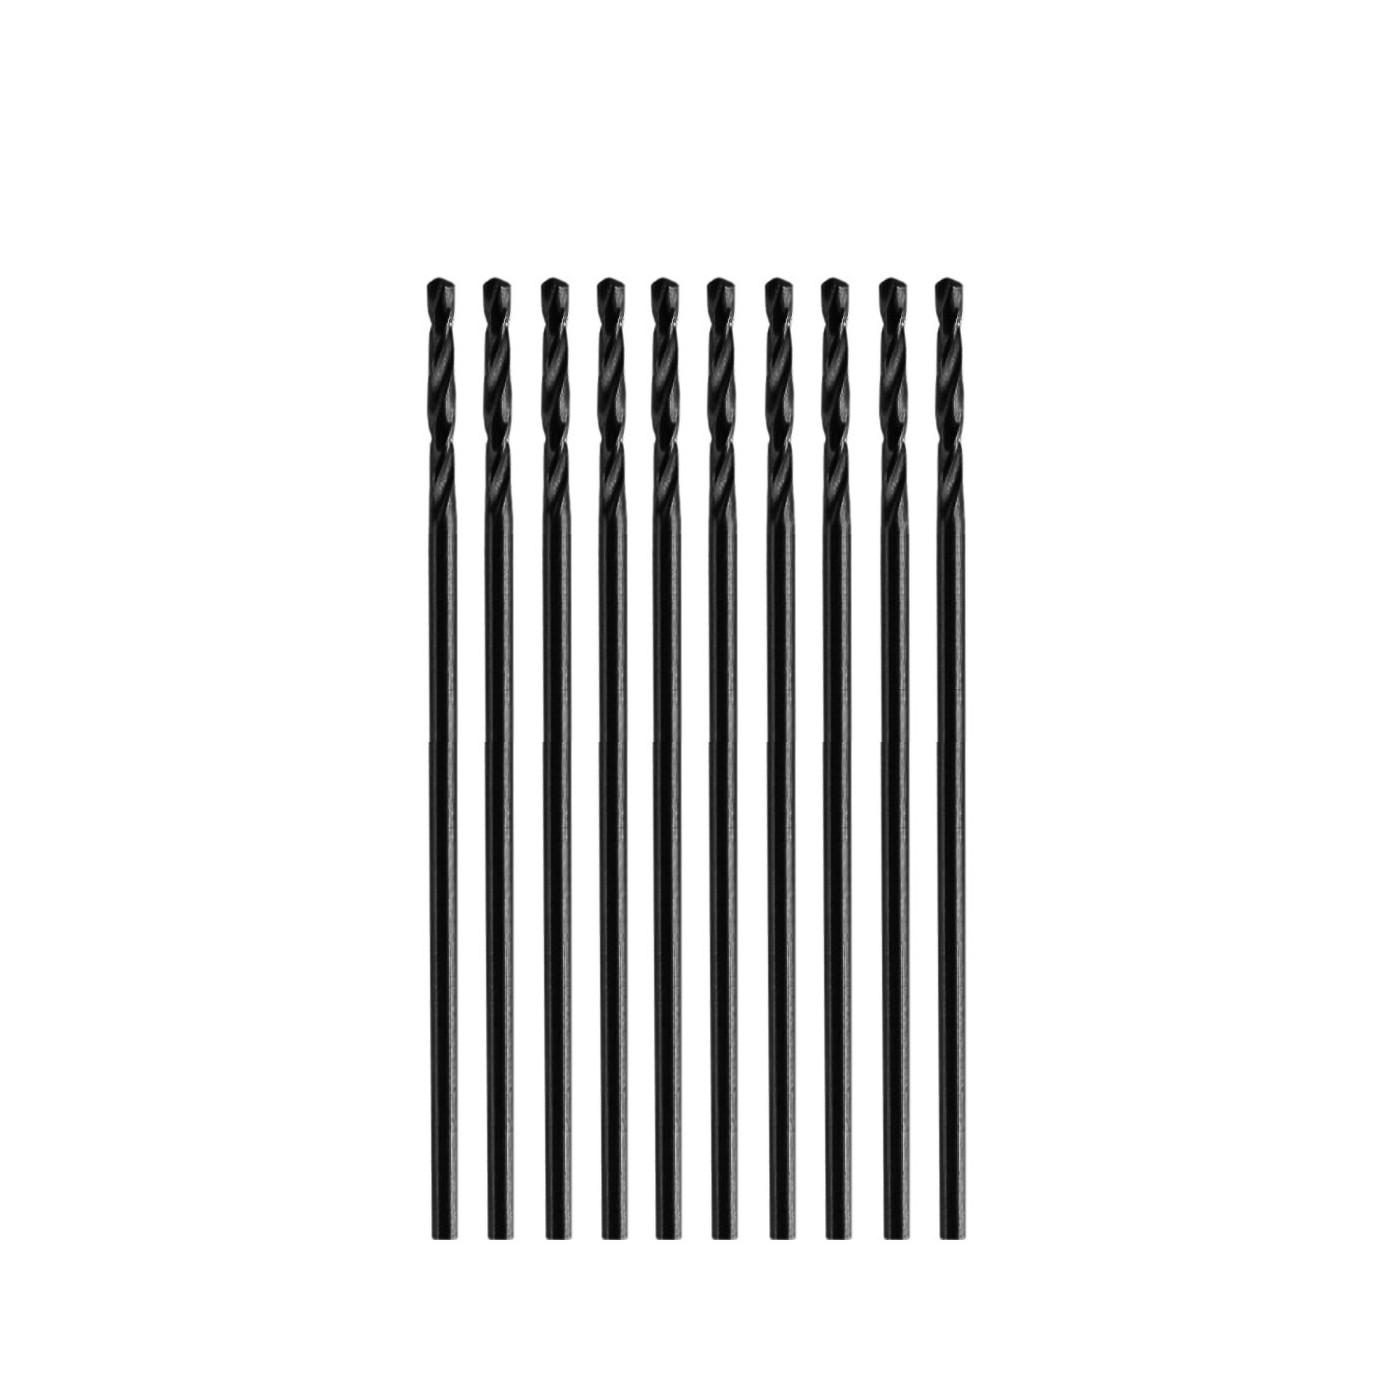 Set of 10 small metal drill bits (0.6x21 mm, HSS)